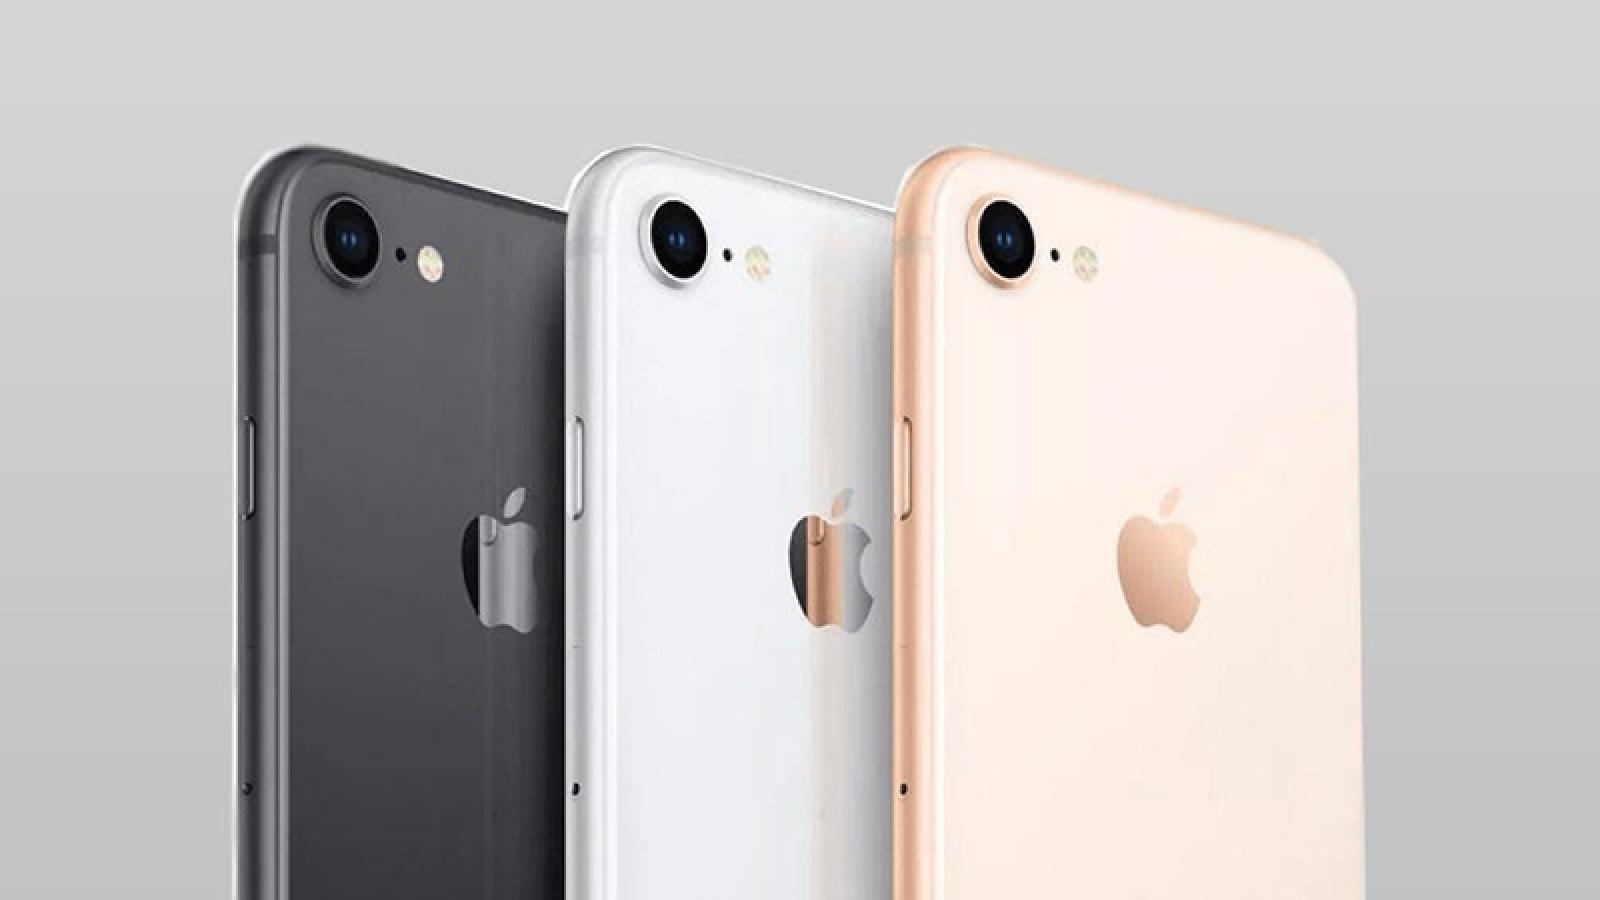 iPhone SE 3 sắp ra mắt, hiệu suất như iPhone 13, hỗ trợ mạng 5G